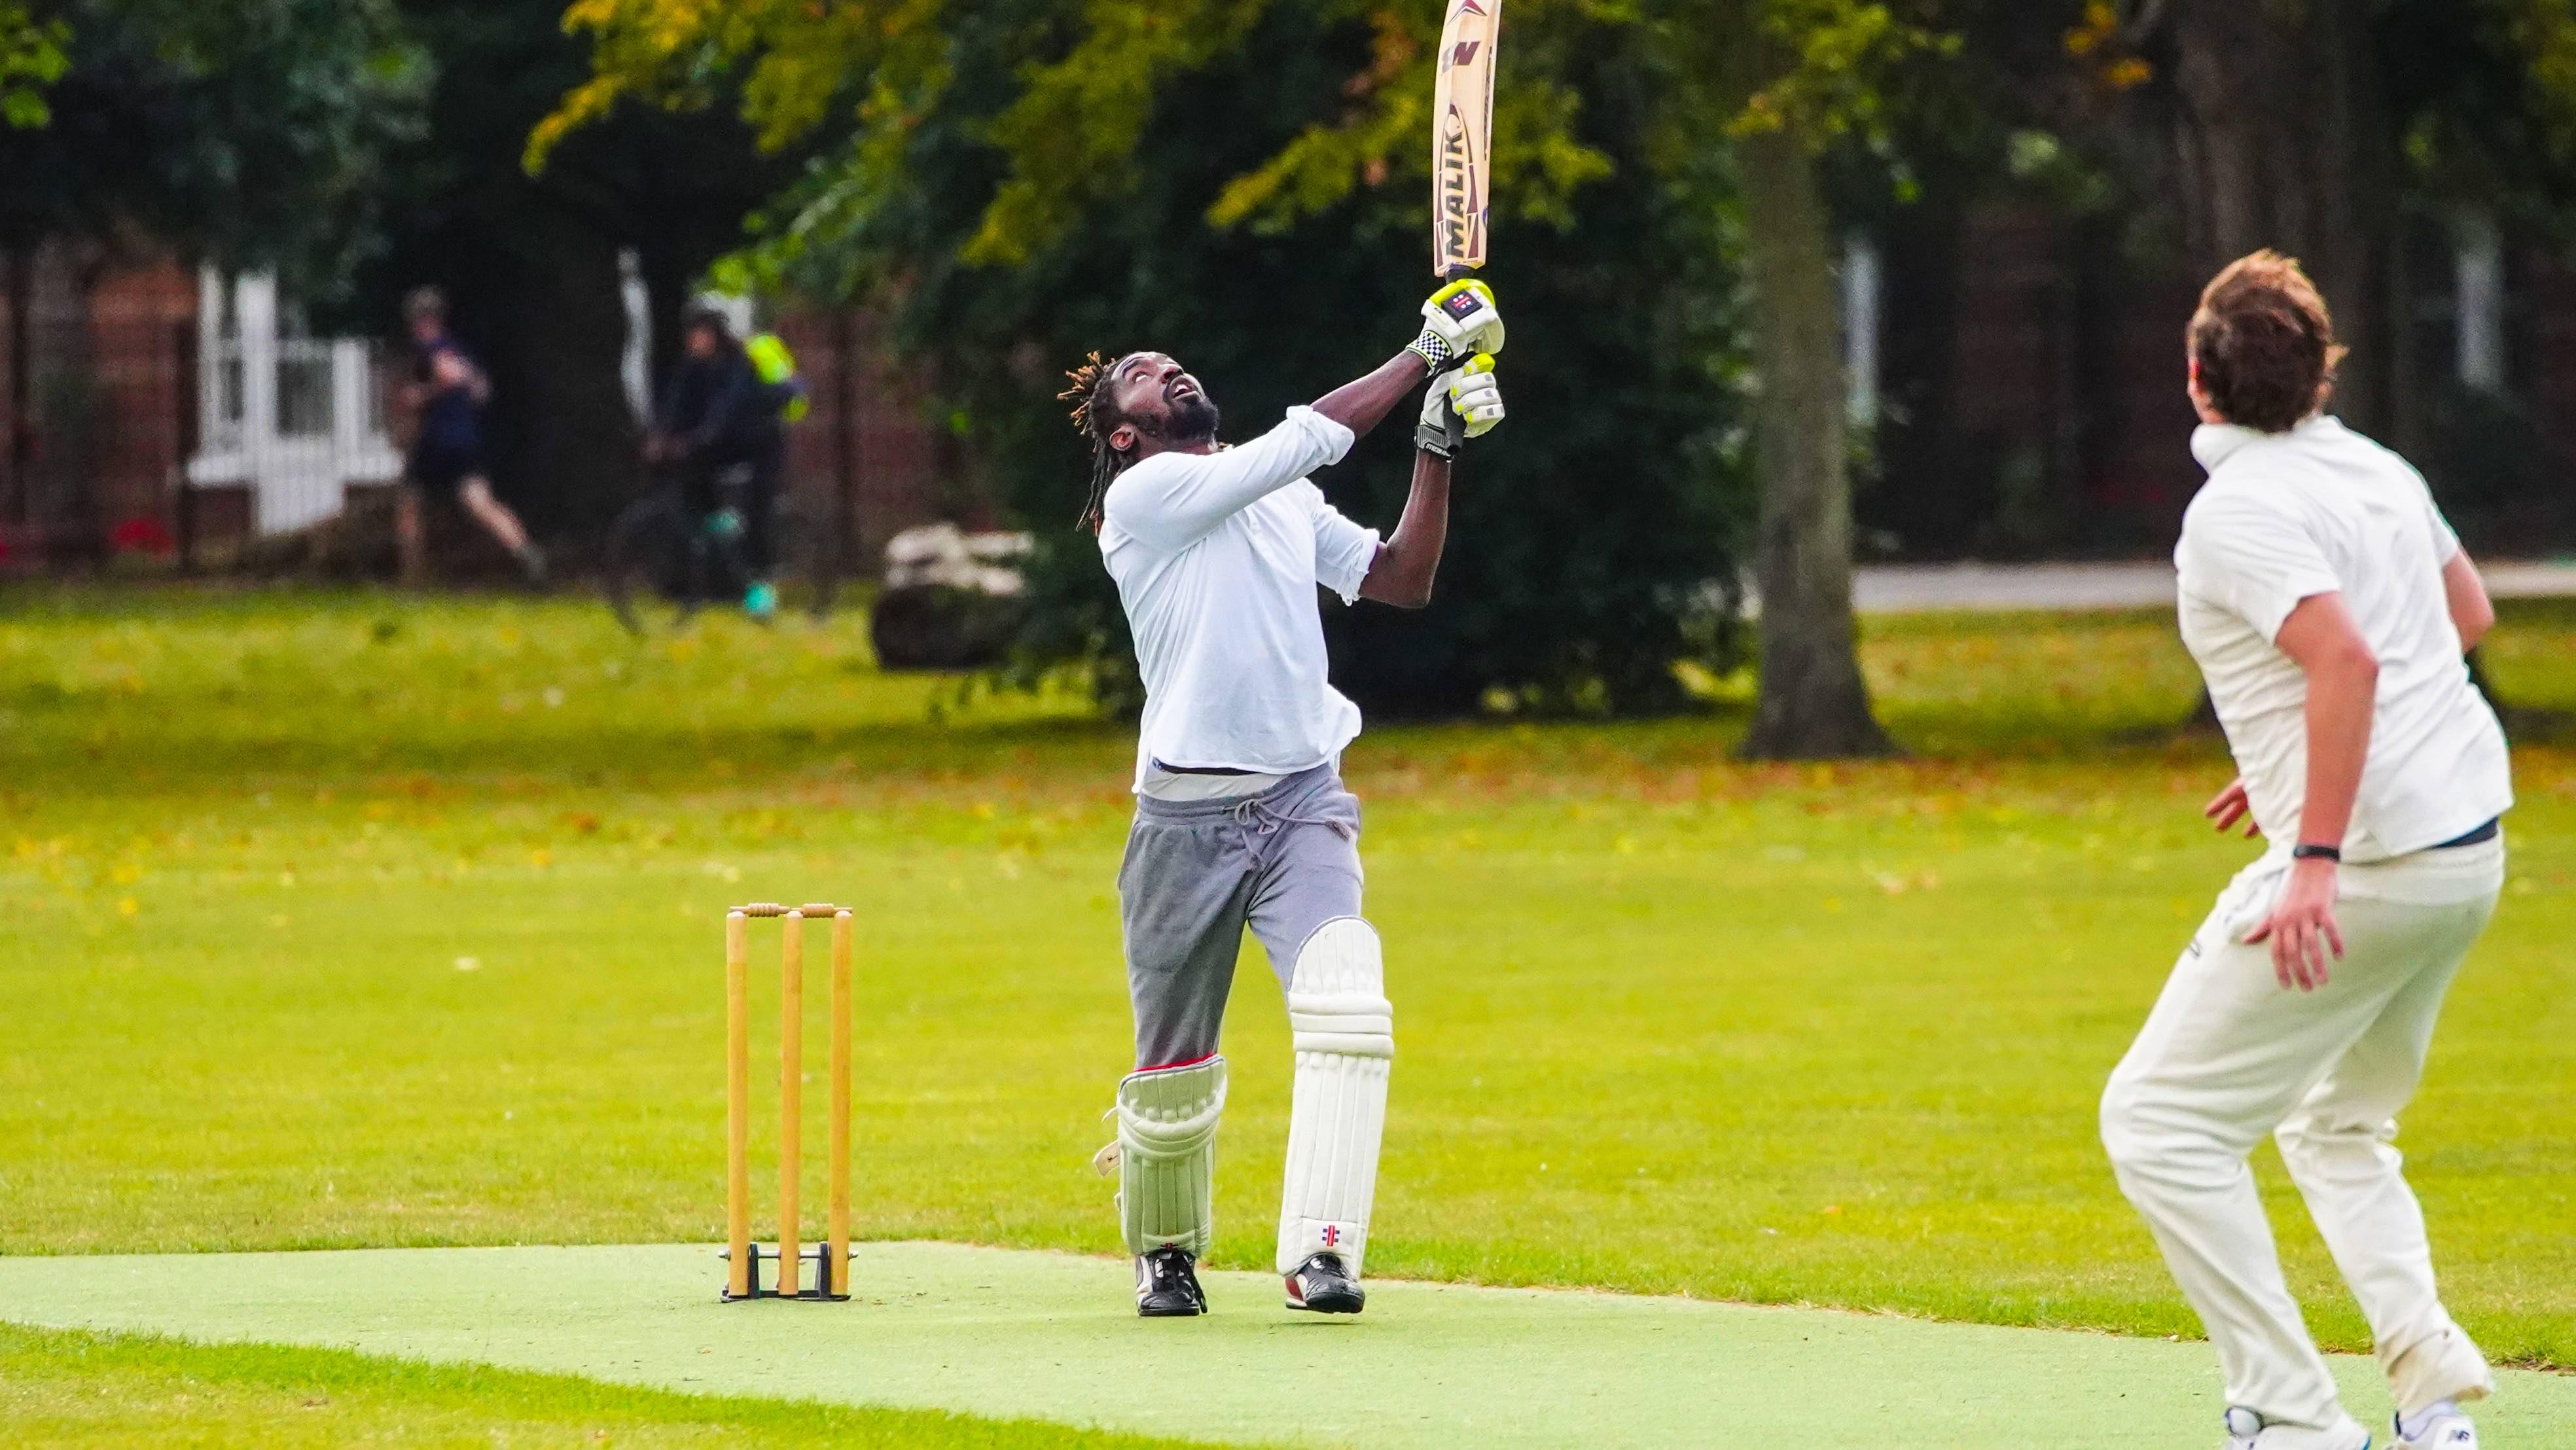 Sheldon greenland batting for Masiha